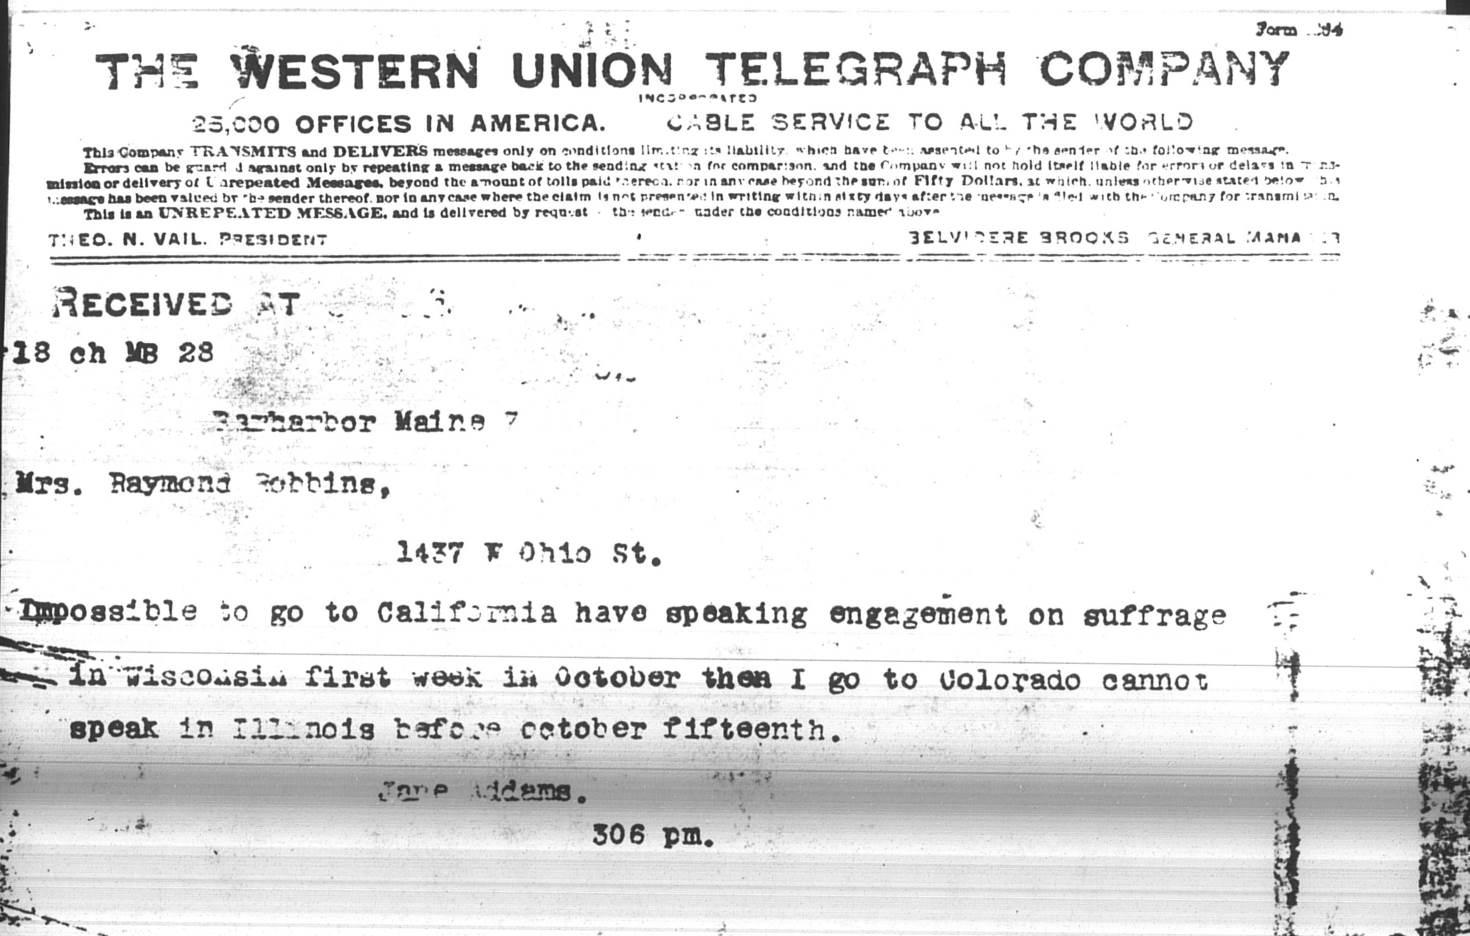 telegram-sample-small.jpg